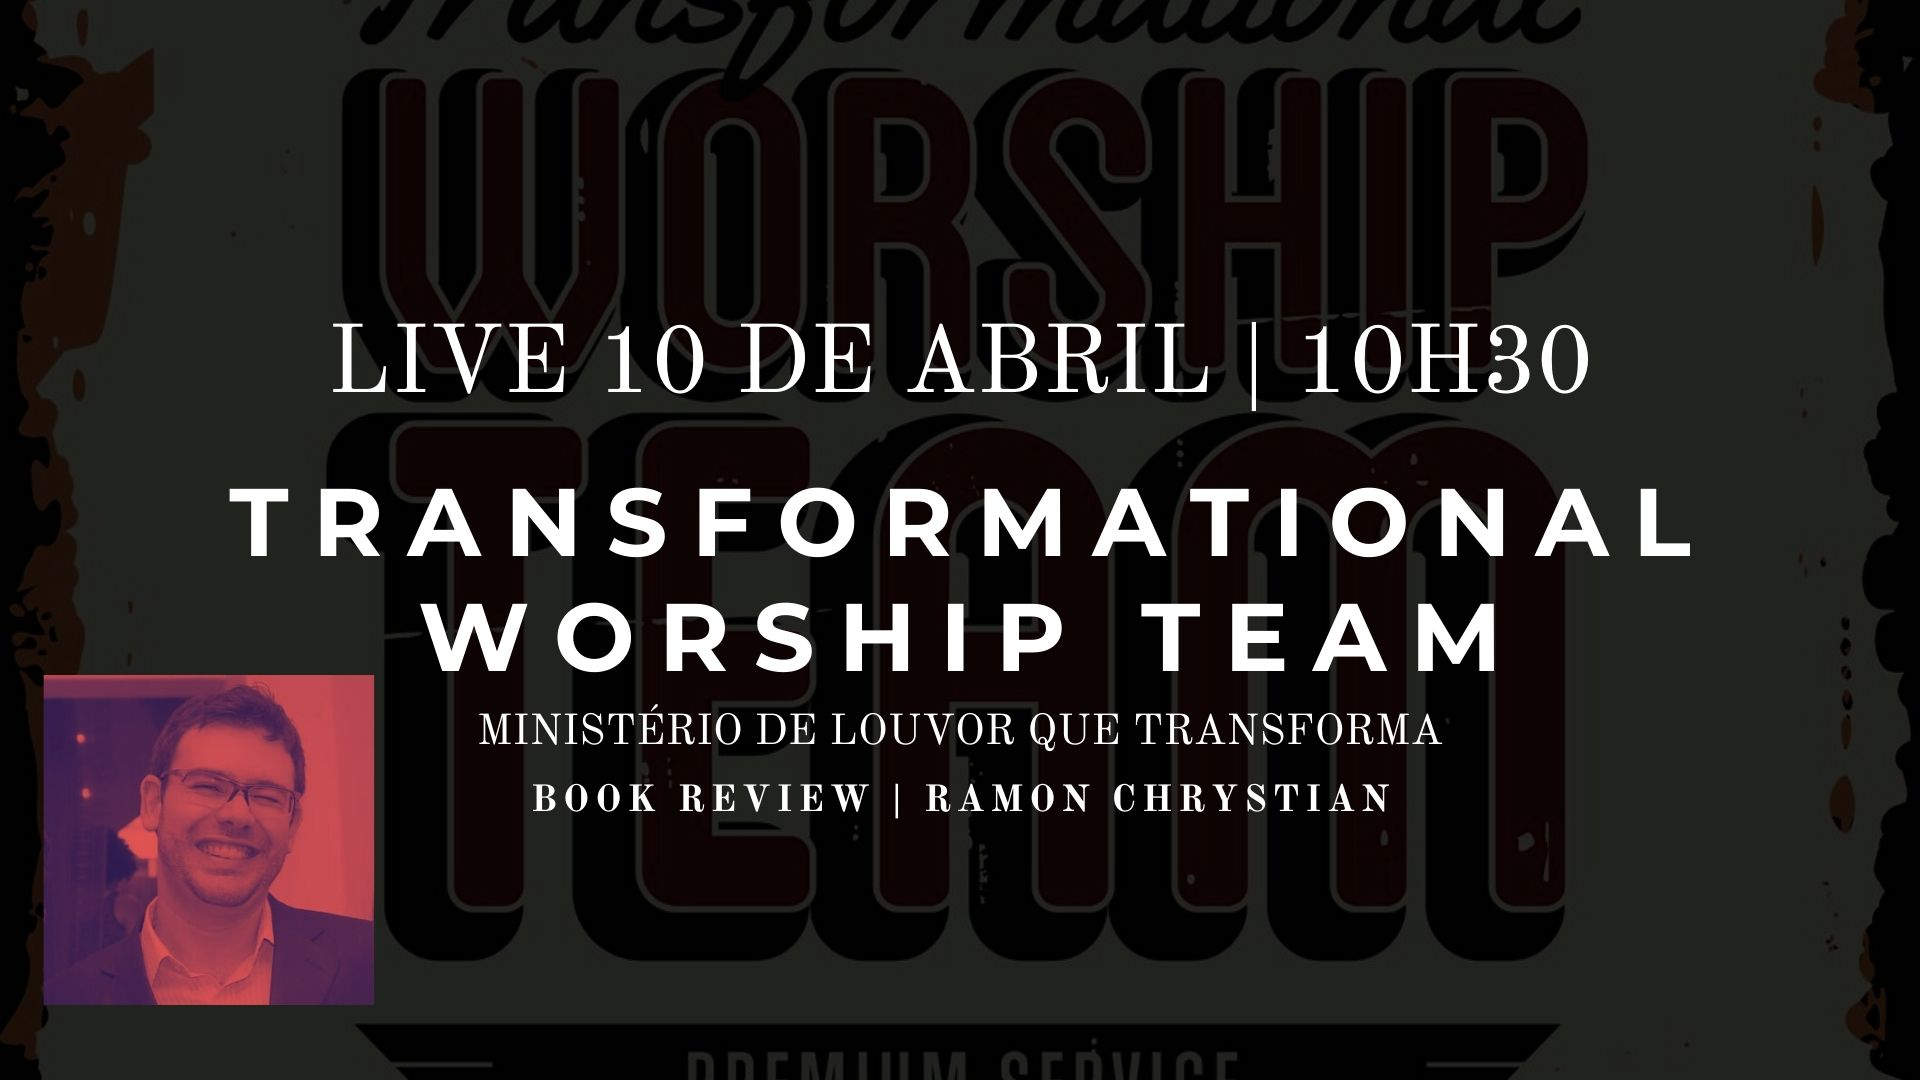 LIVE 10/04 – 10h30: Transformational Worship Team (Ministério de Louvor que Transforma) – Book Review